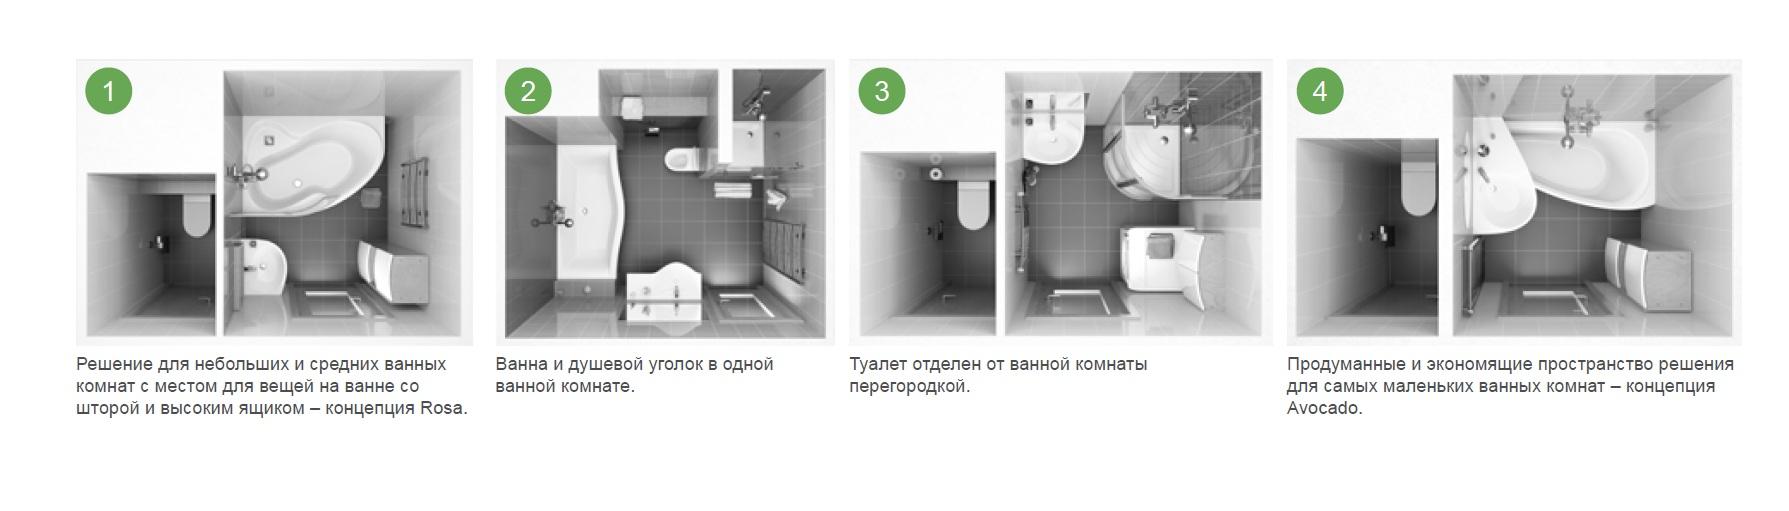 Четыре варианта ремонта ванной комнаты в панельных домах